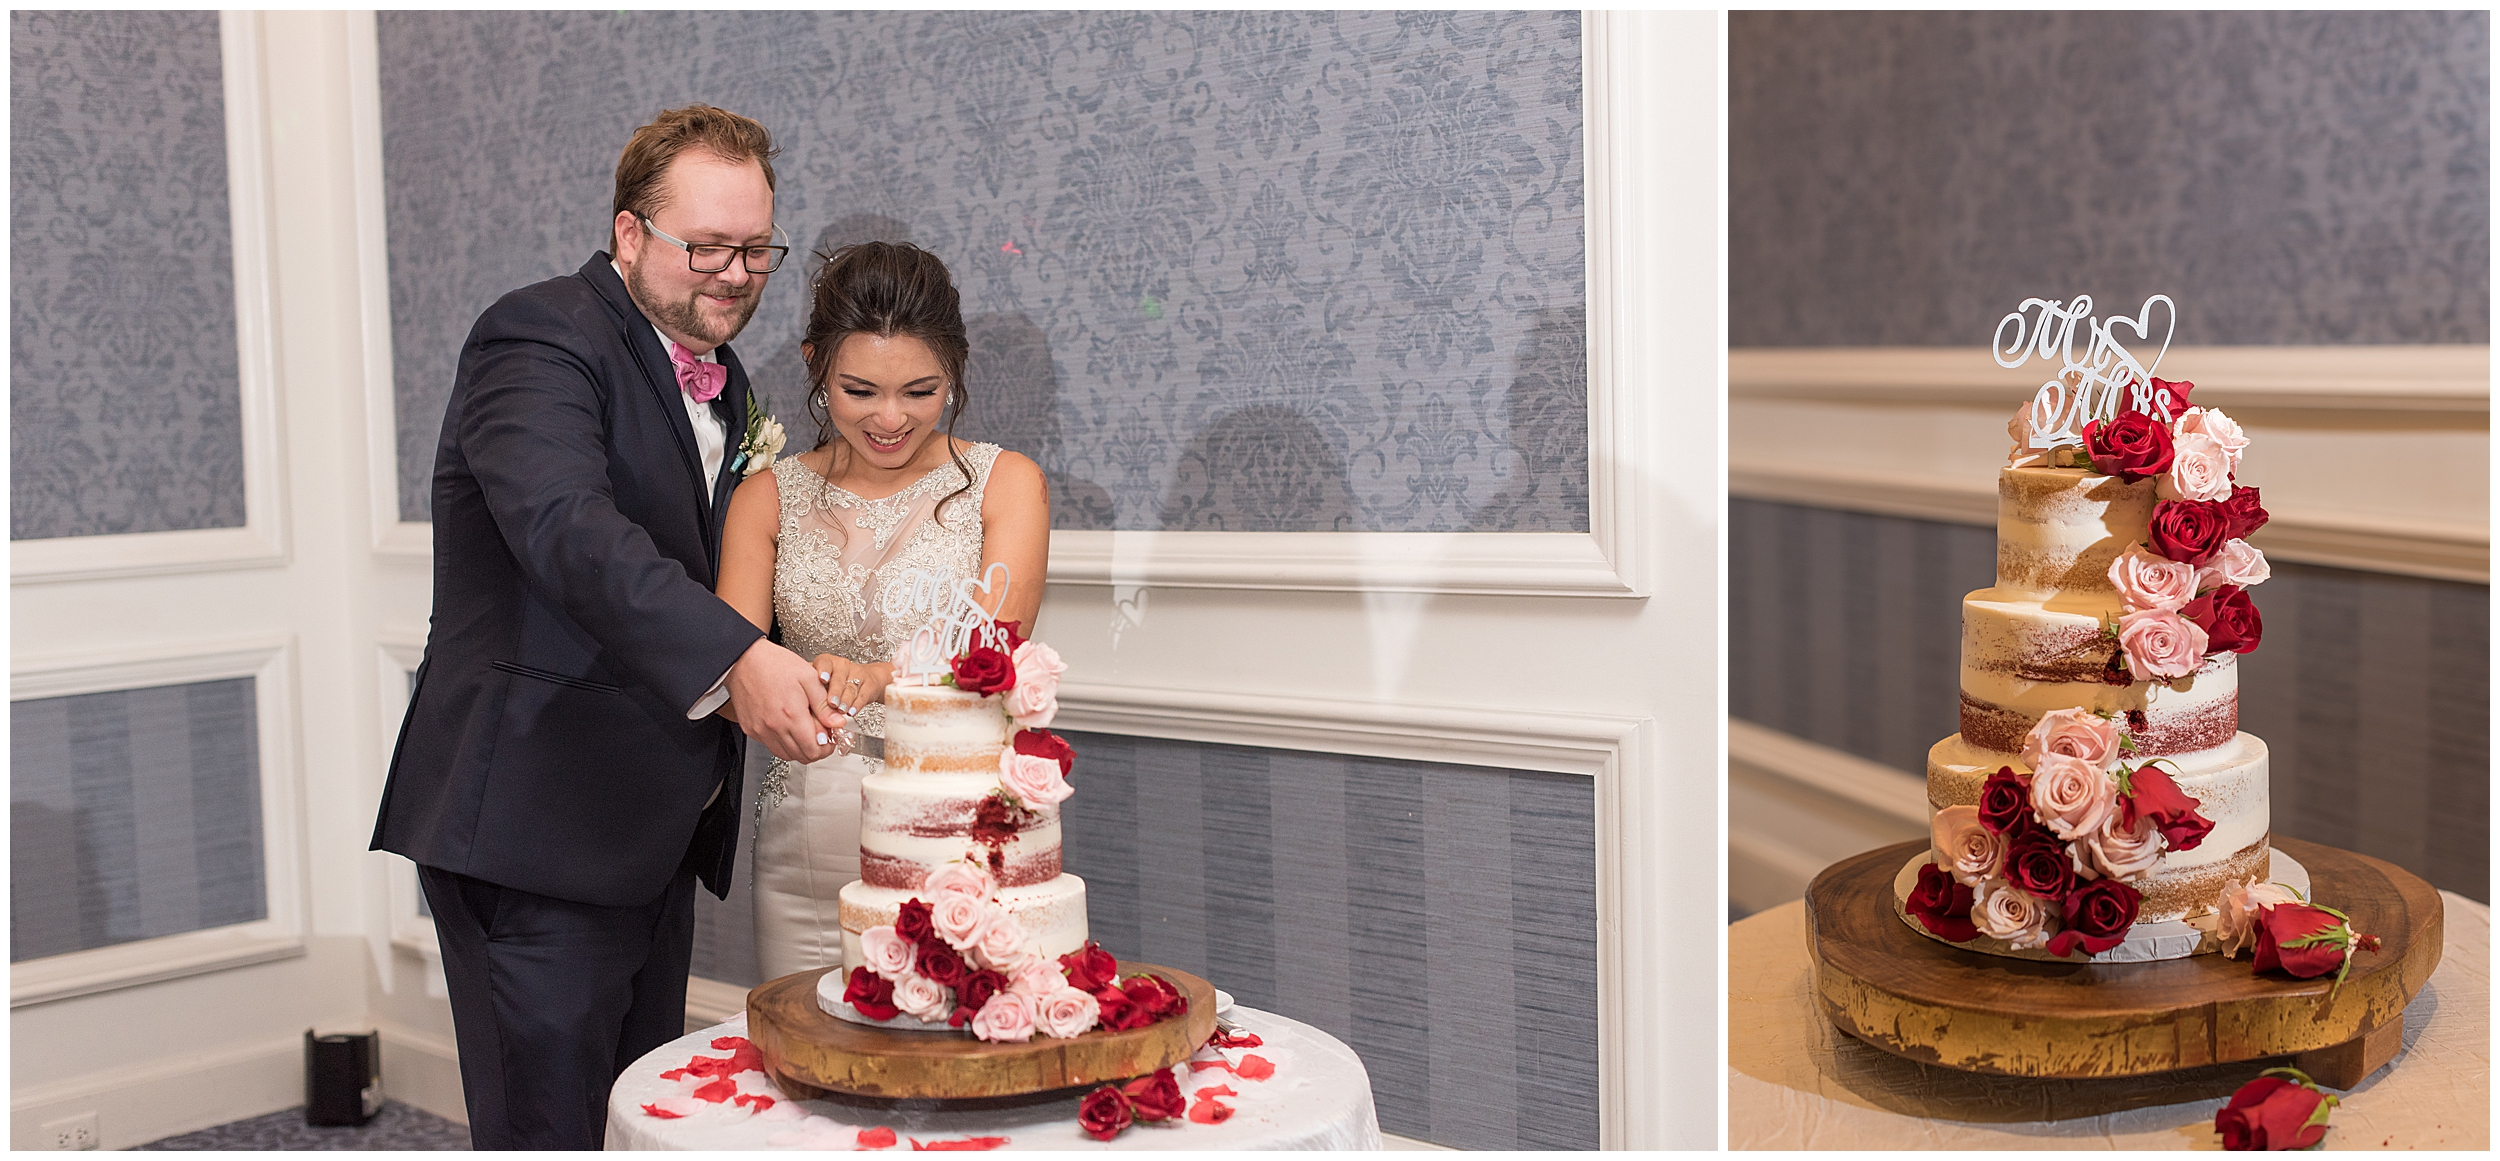 Jenny & Kevin Wedding | Renaissance Hotel Austin, TX | Texas Wedding Photographer | Katelyn Todd Photography